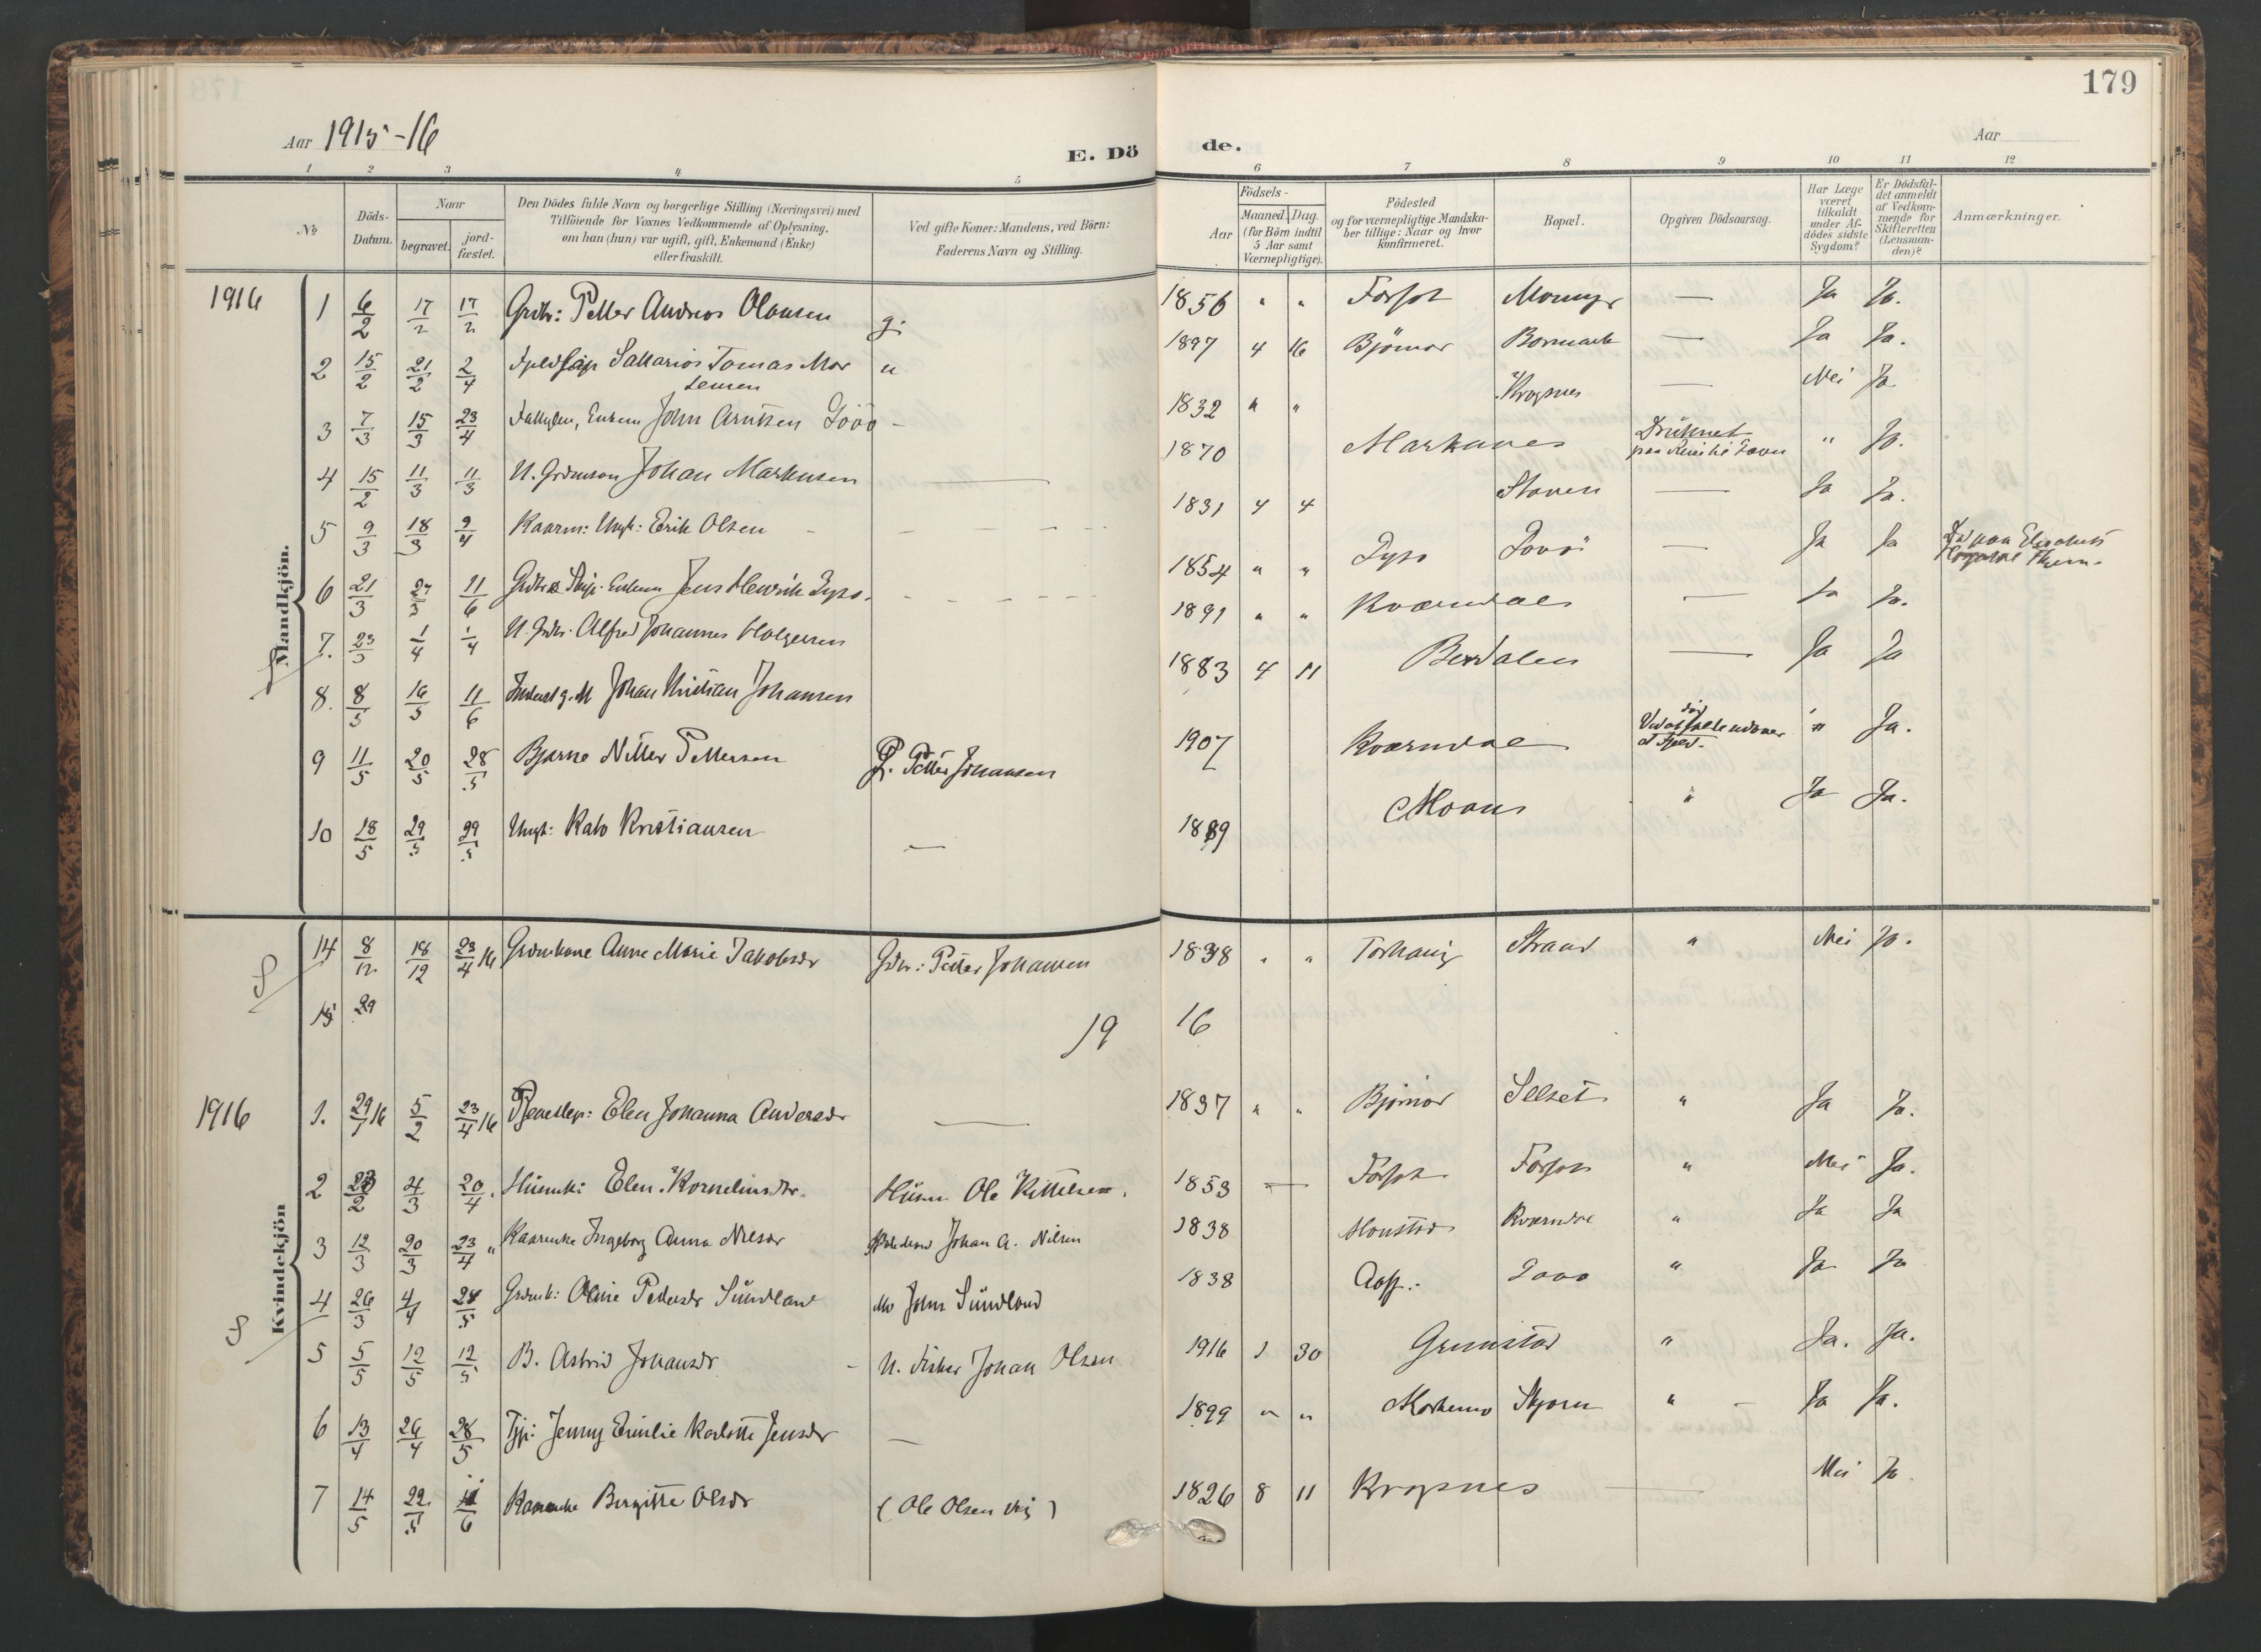 SAT, Ministerialprotokoller, klokkerbøker og fødselsregistre - Sør-Trøndelag, 655/L0682: Ministerialbok nr. 655A11, 1908-1922, s. 179